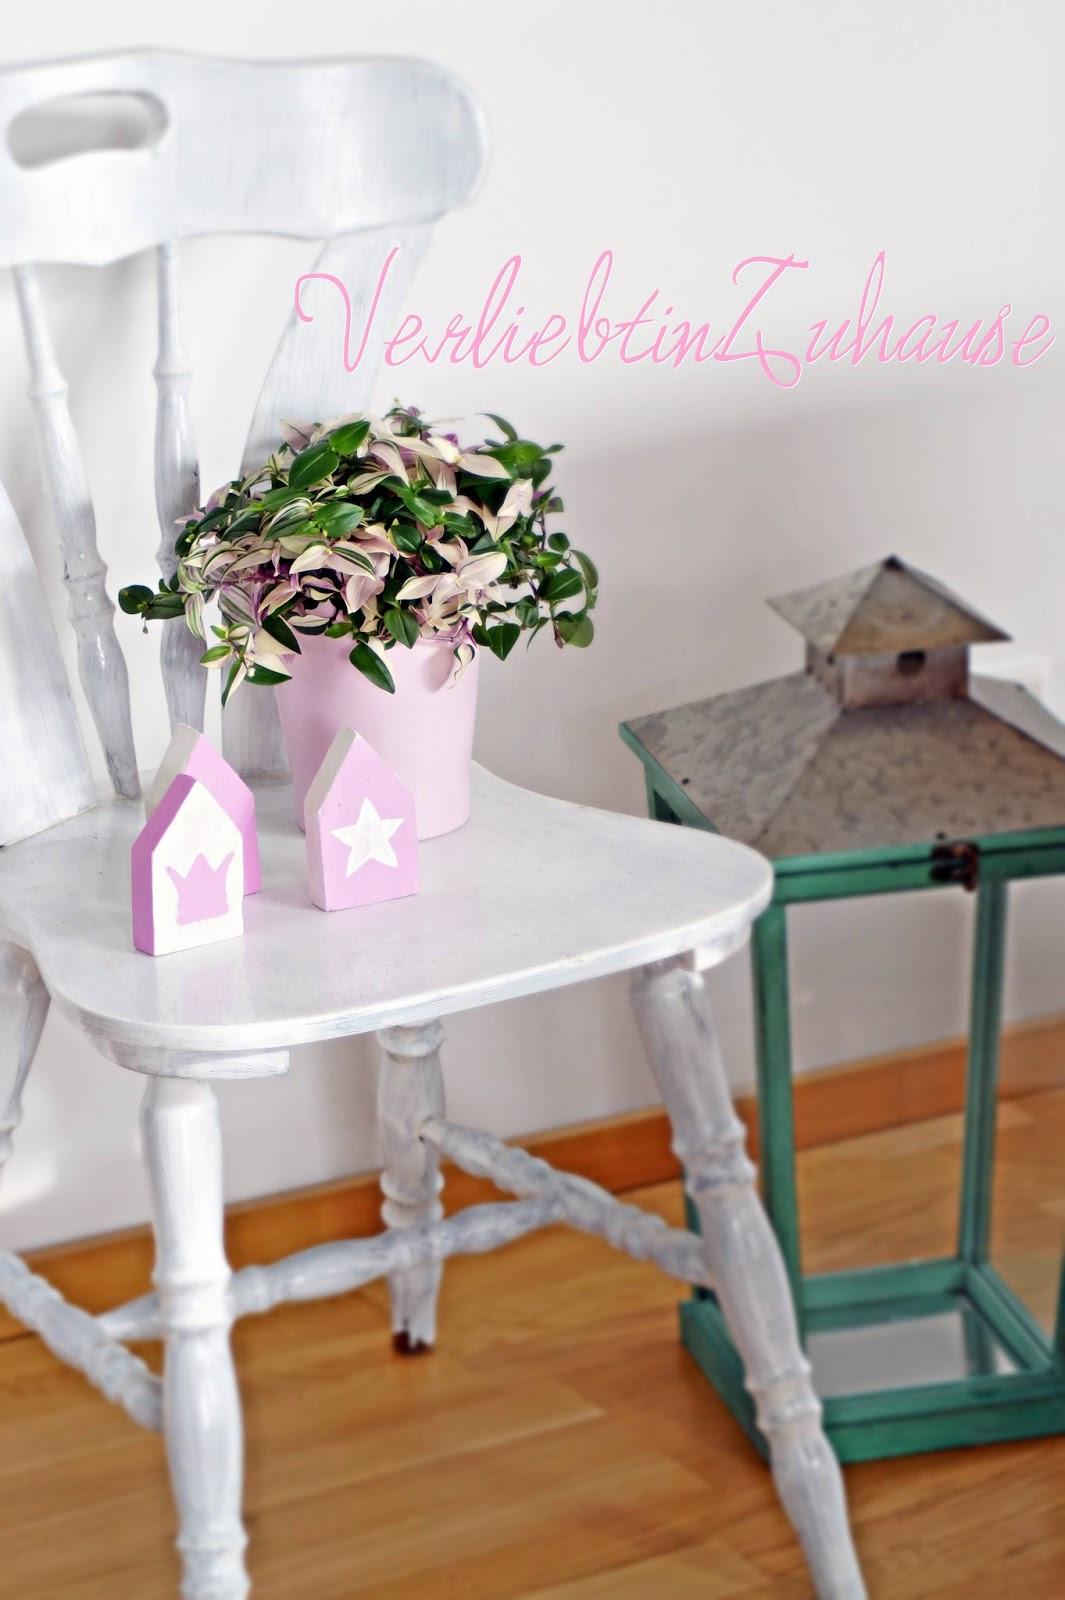 Diy Holz Deko  Verliebt in Zuhause ♥ Deko Haus aus Holz DIY